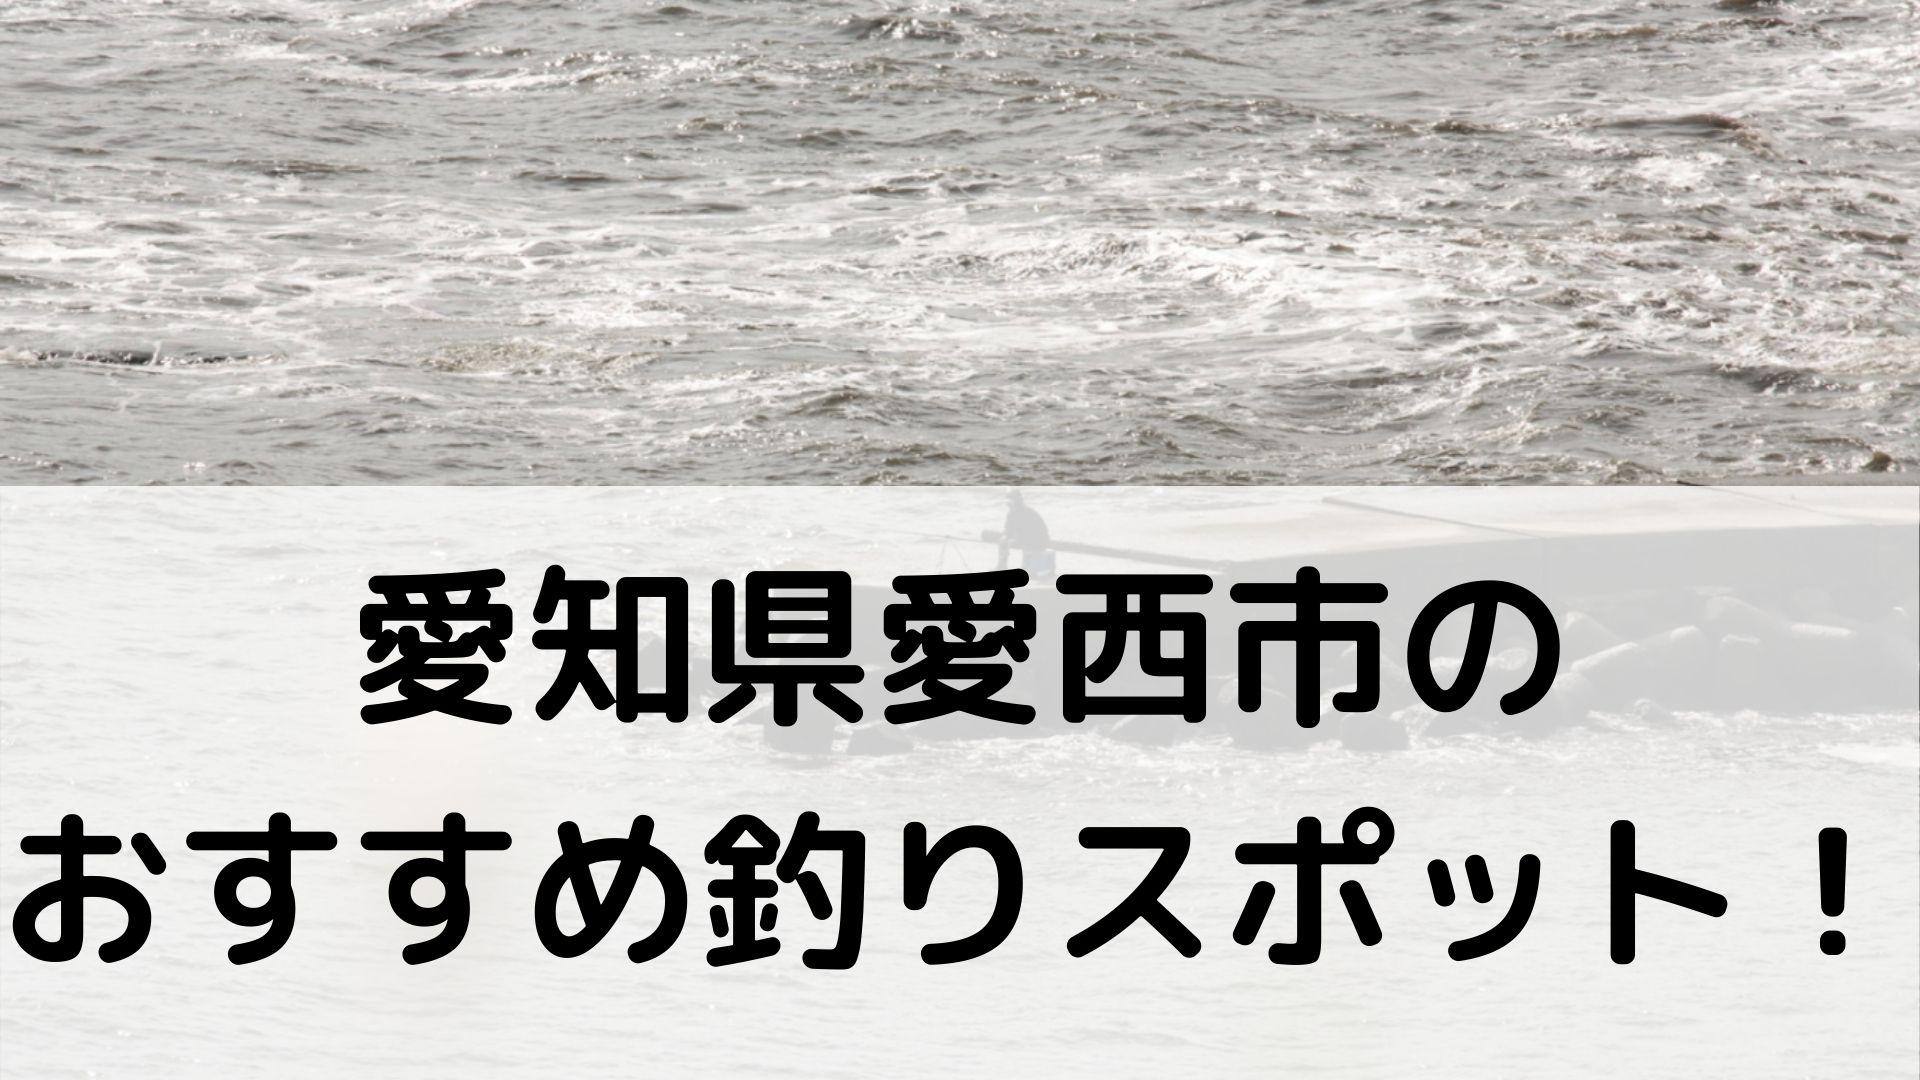 愛知県愛西市のおすすめ釣りスポットに関する参考画像